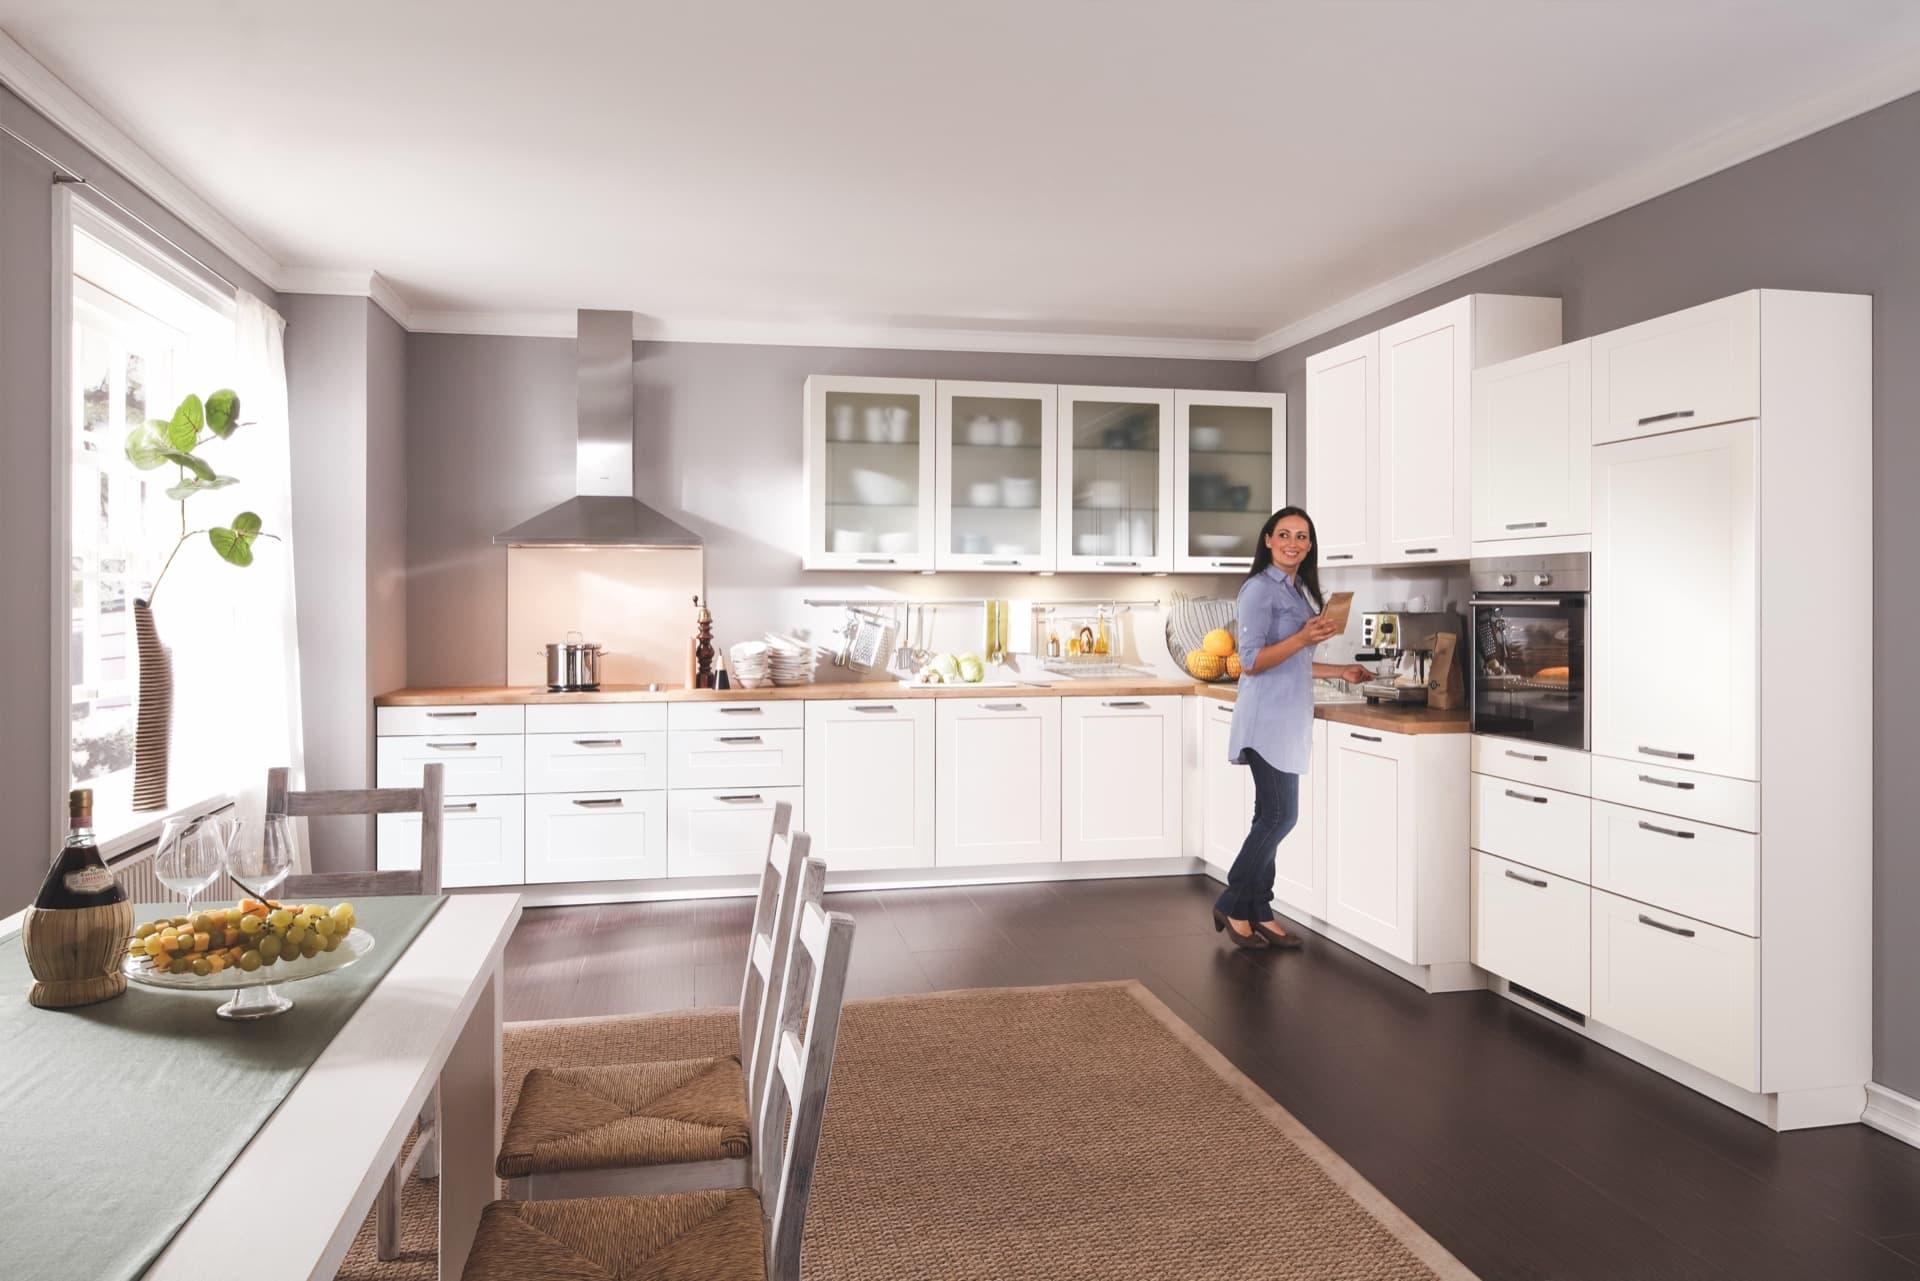 Landhaus Küchen - Küchenstudio Wangen im Allgäu